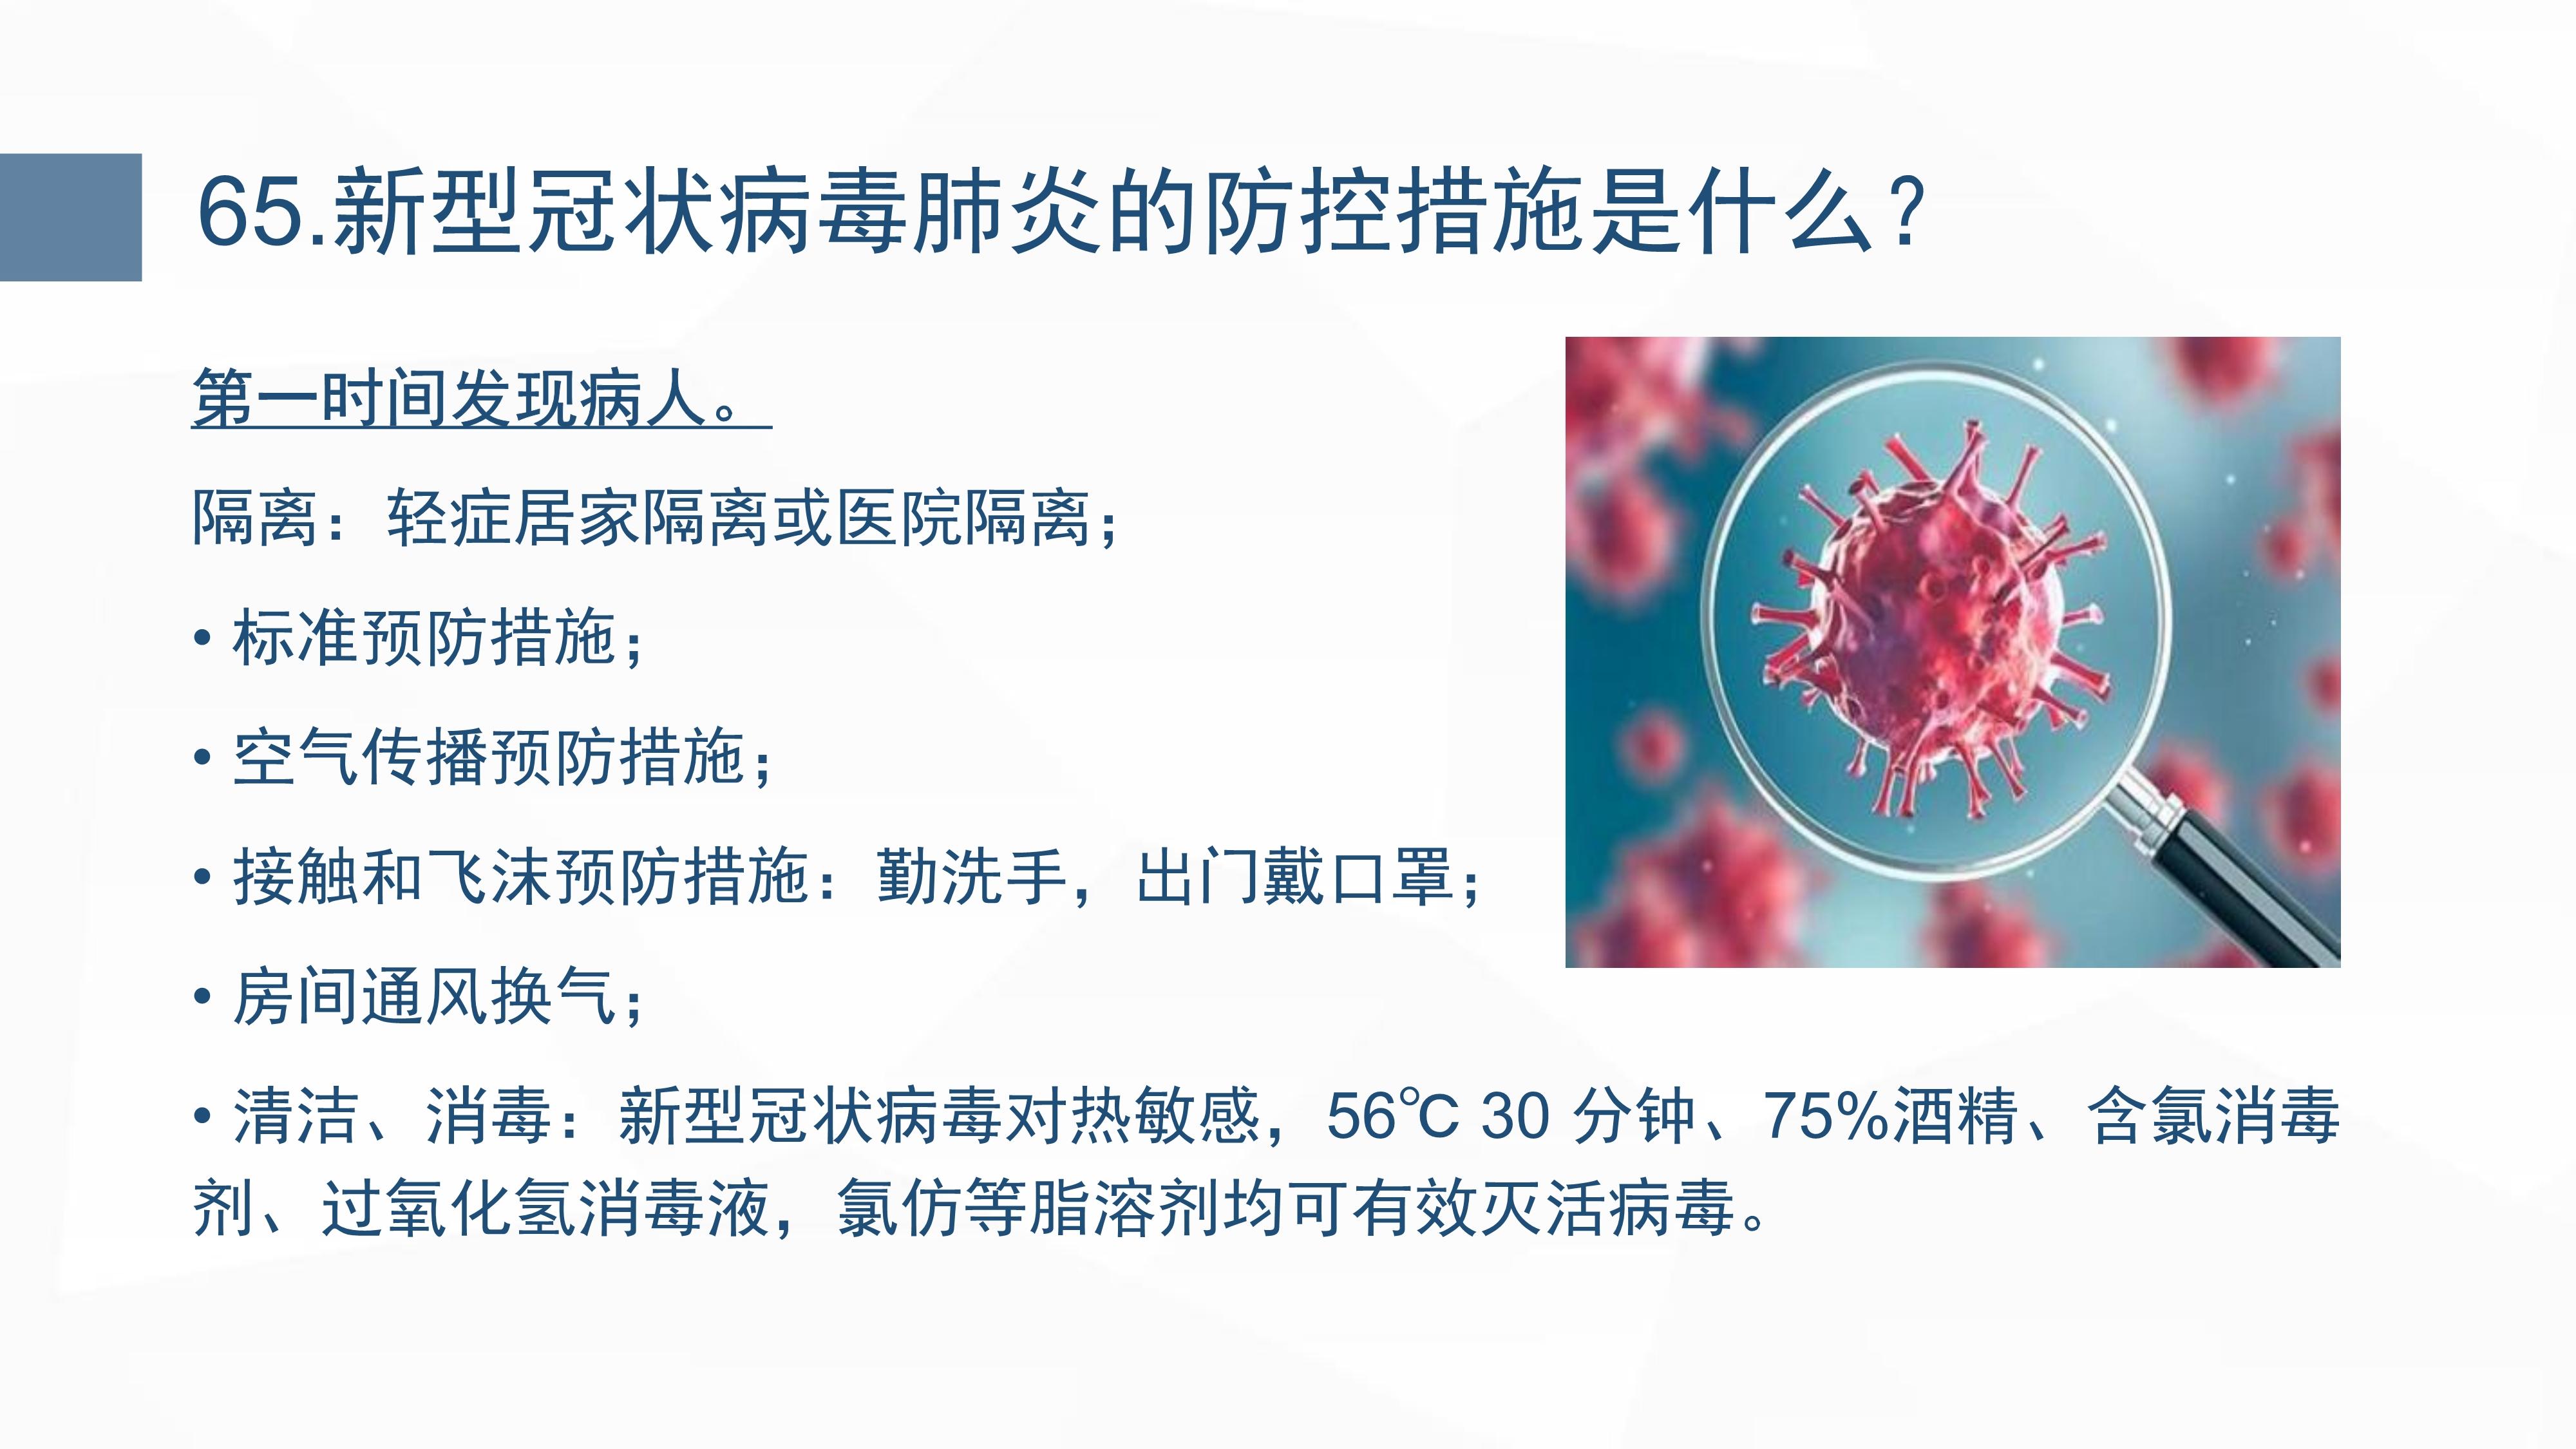 新型冠状病毒肺炎预防手册_72